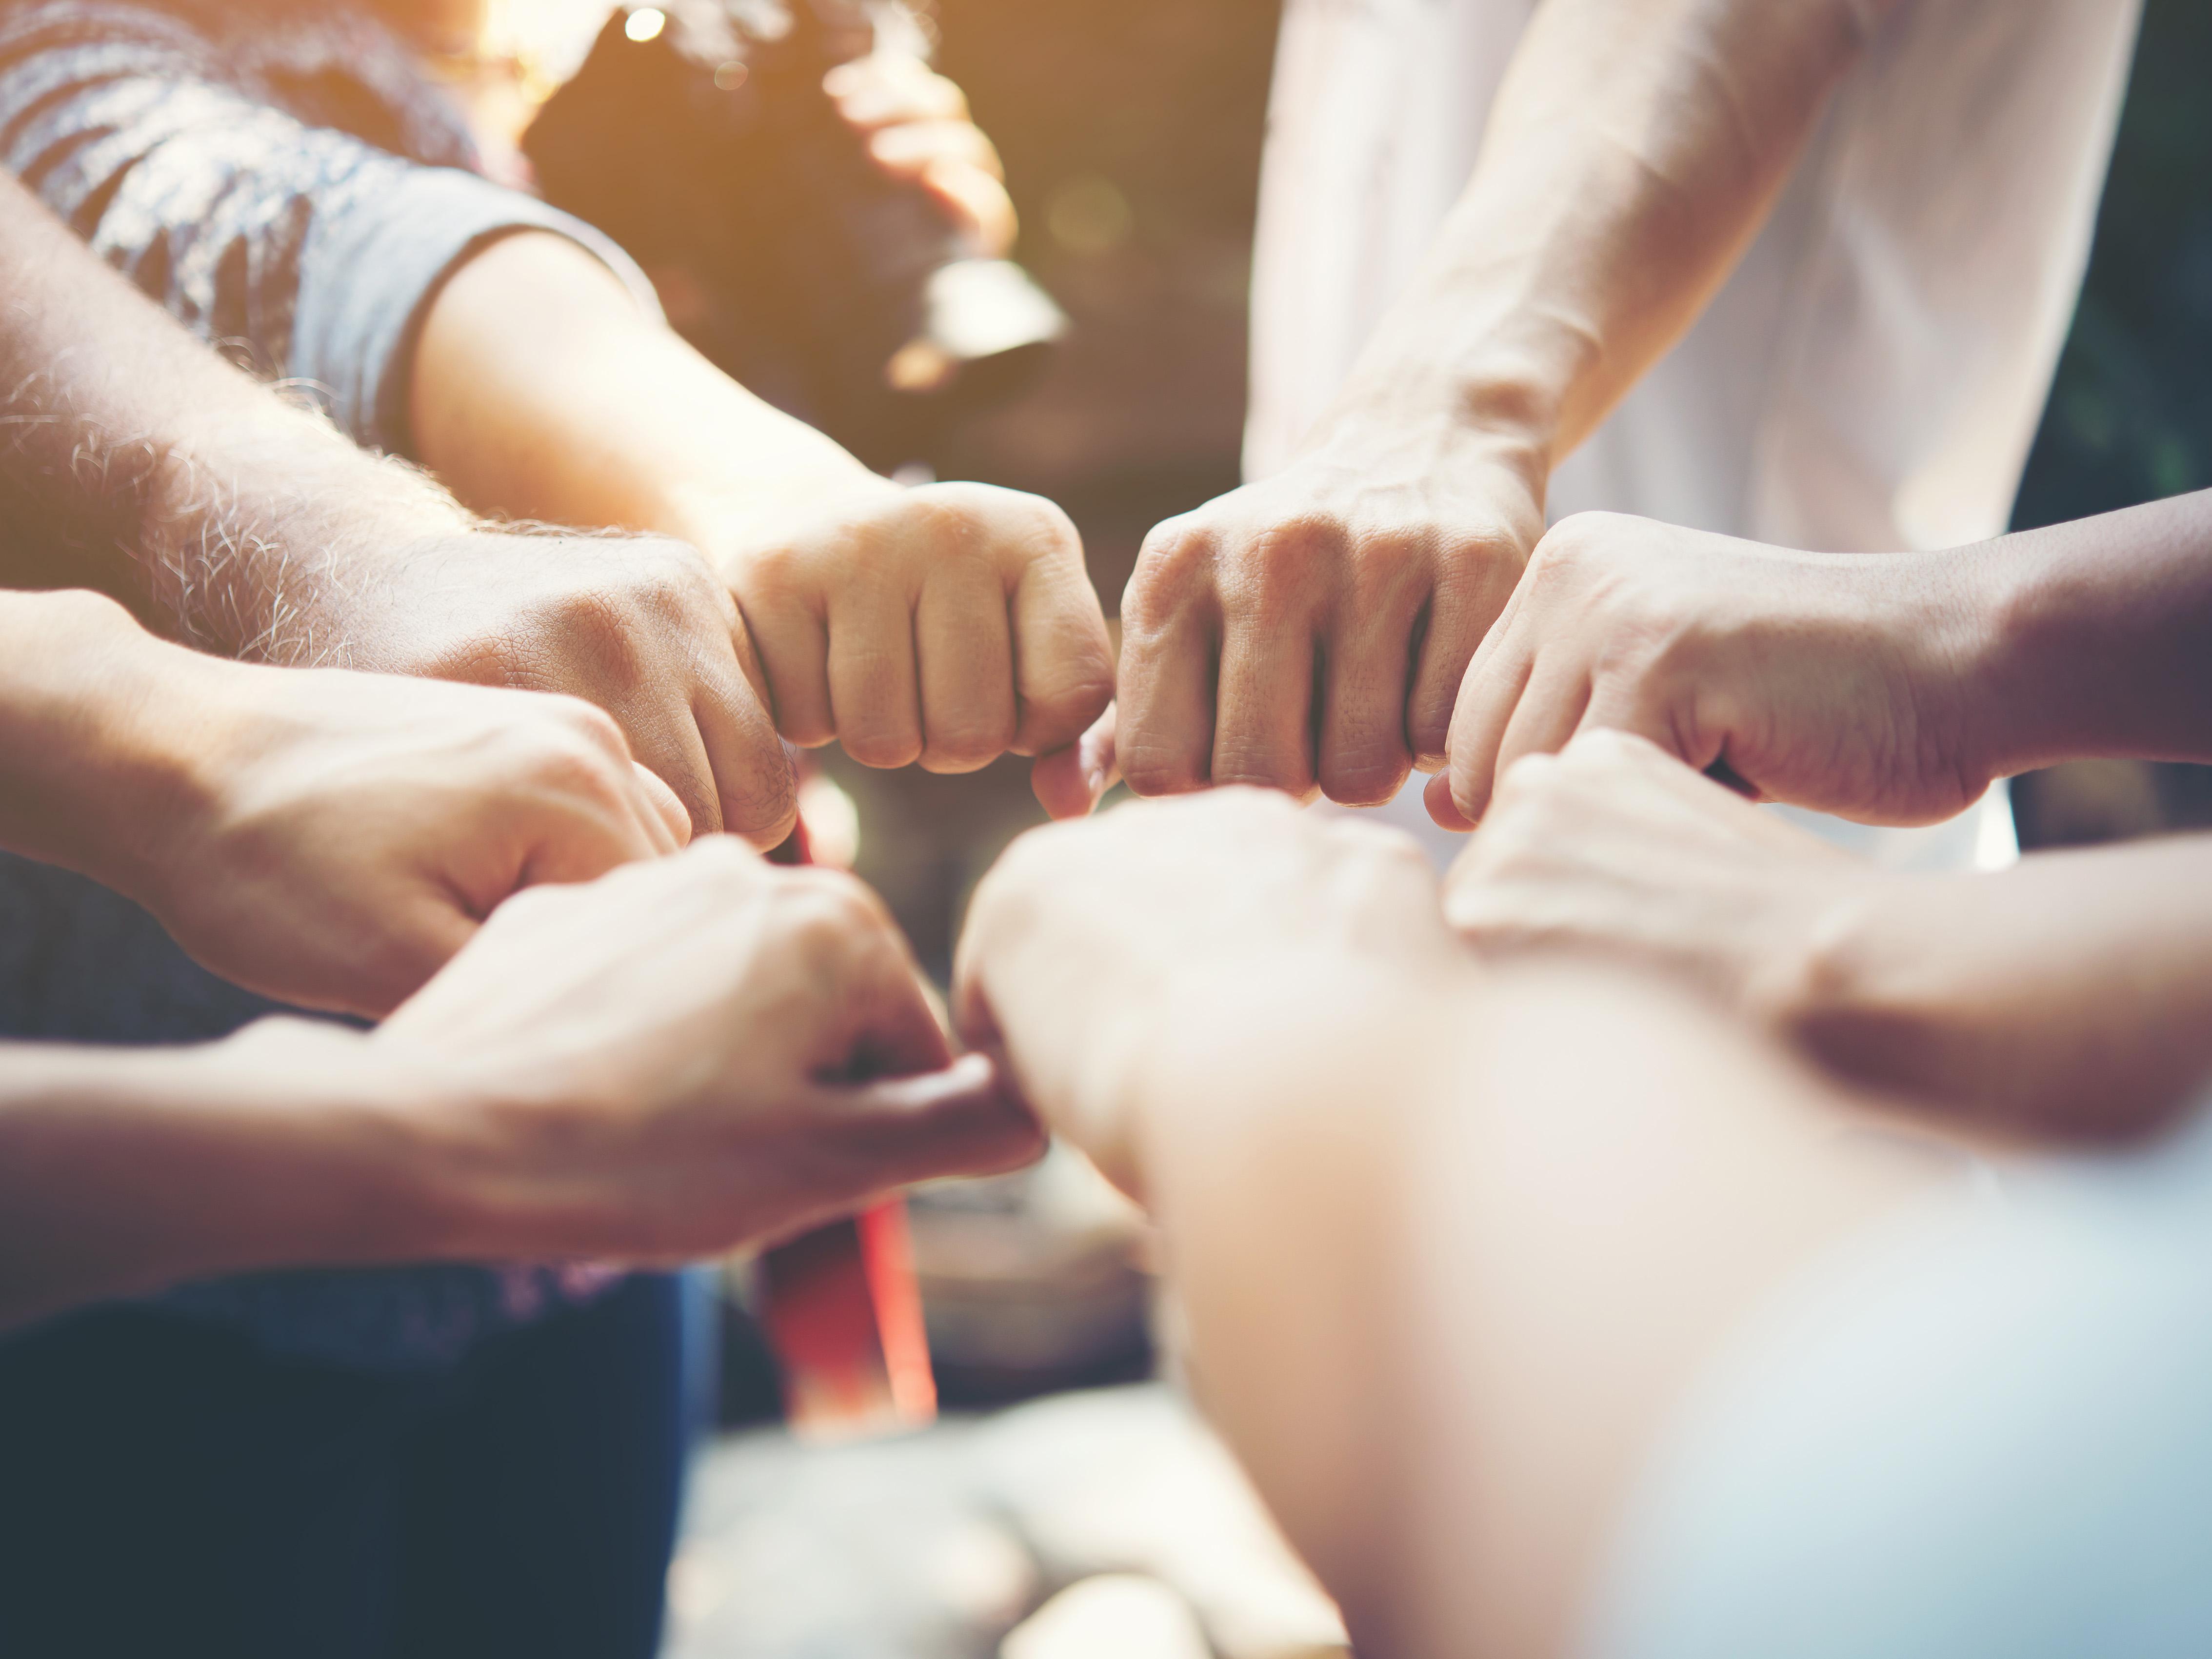 Teamsymbolik mit Händen